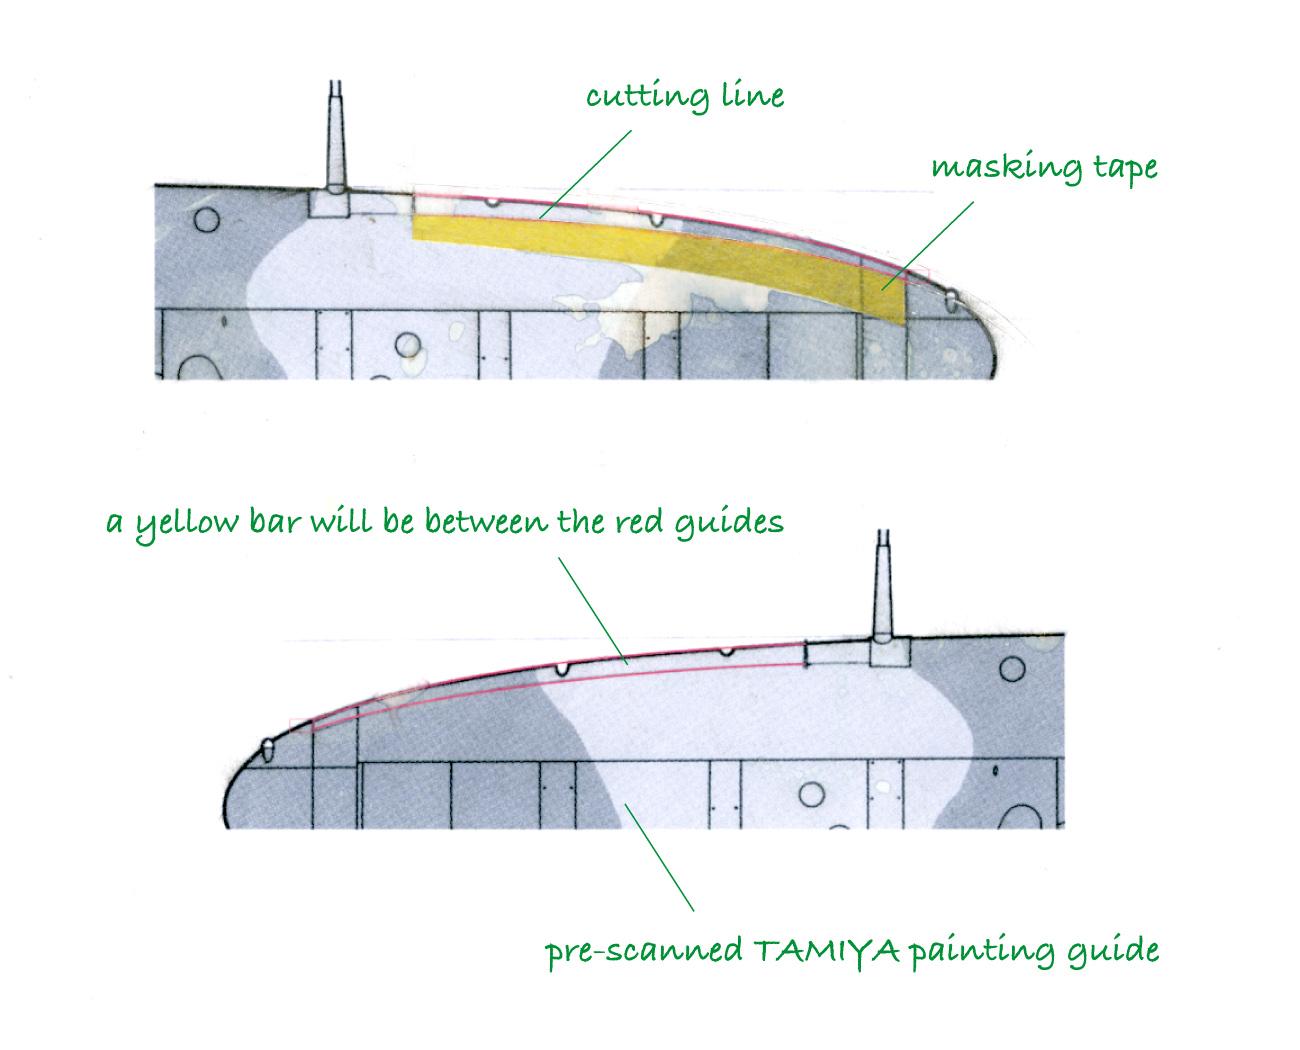 Masking the leading edge yellow bar